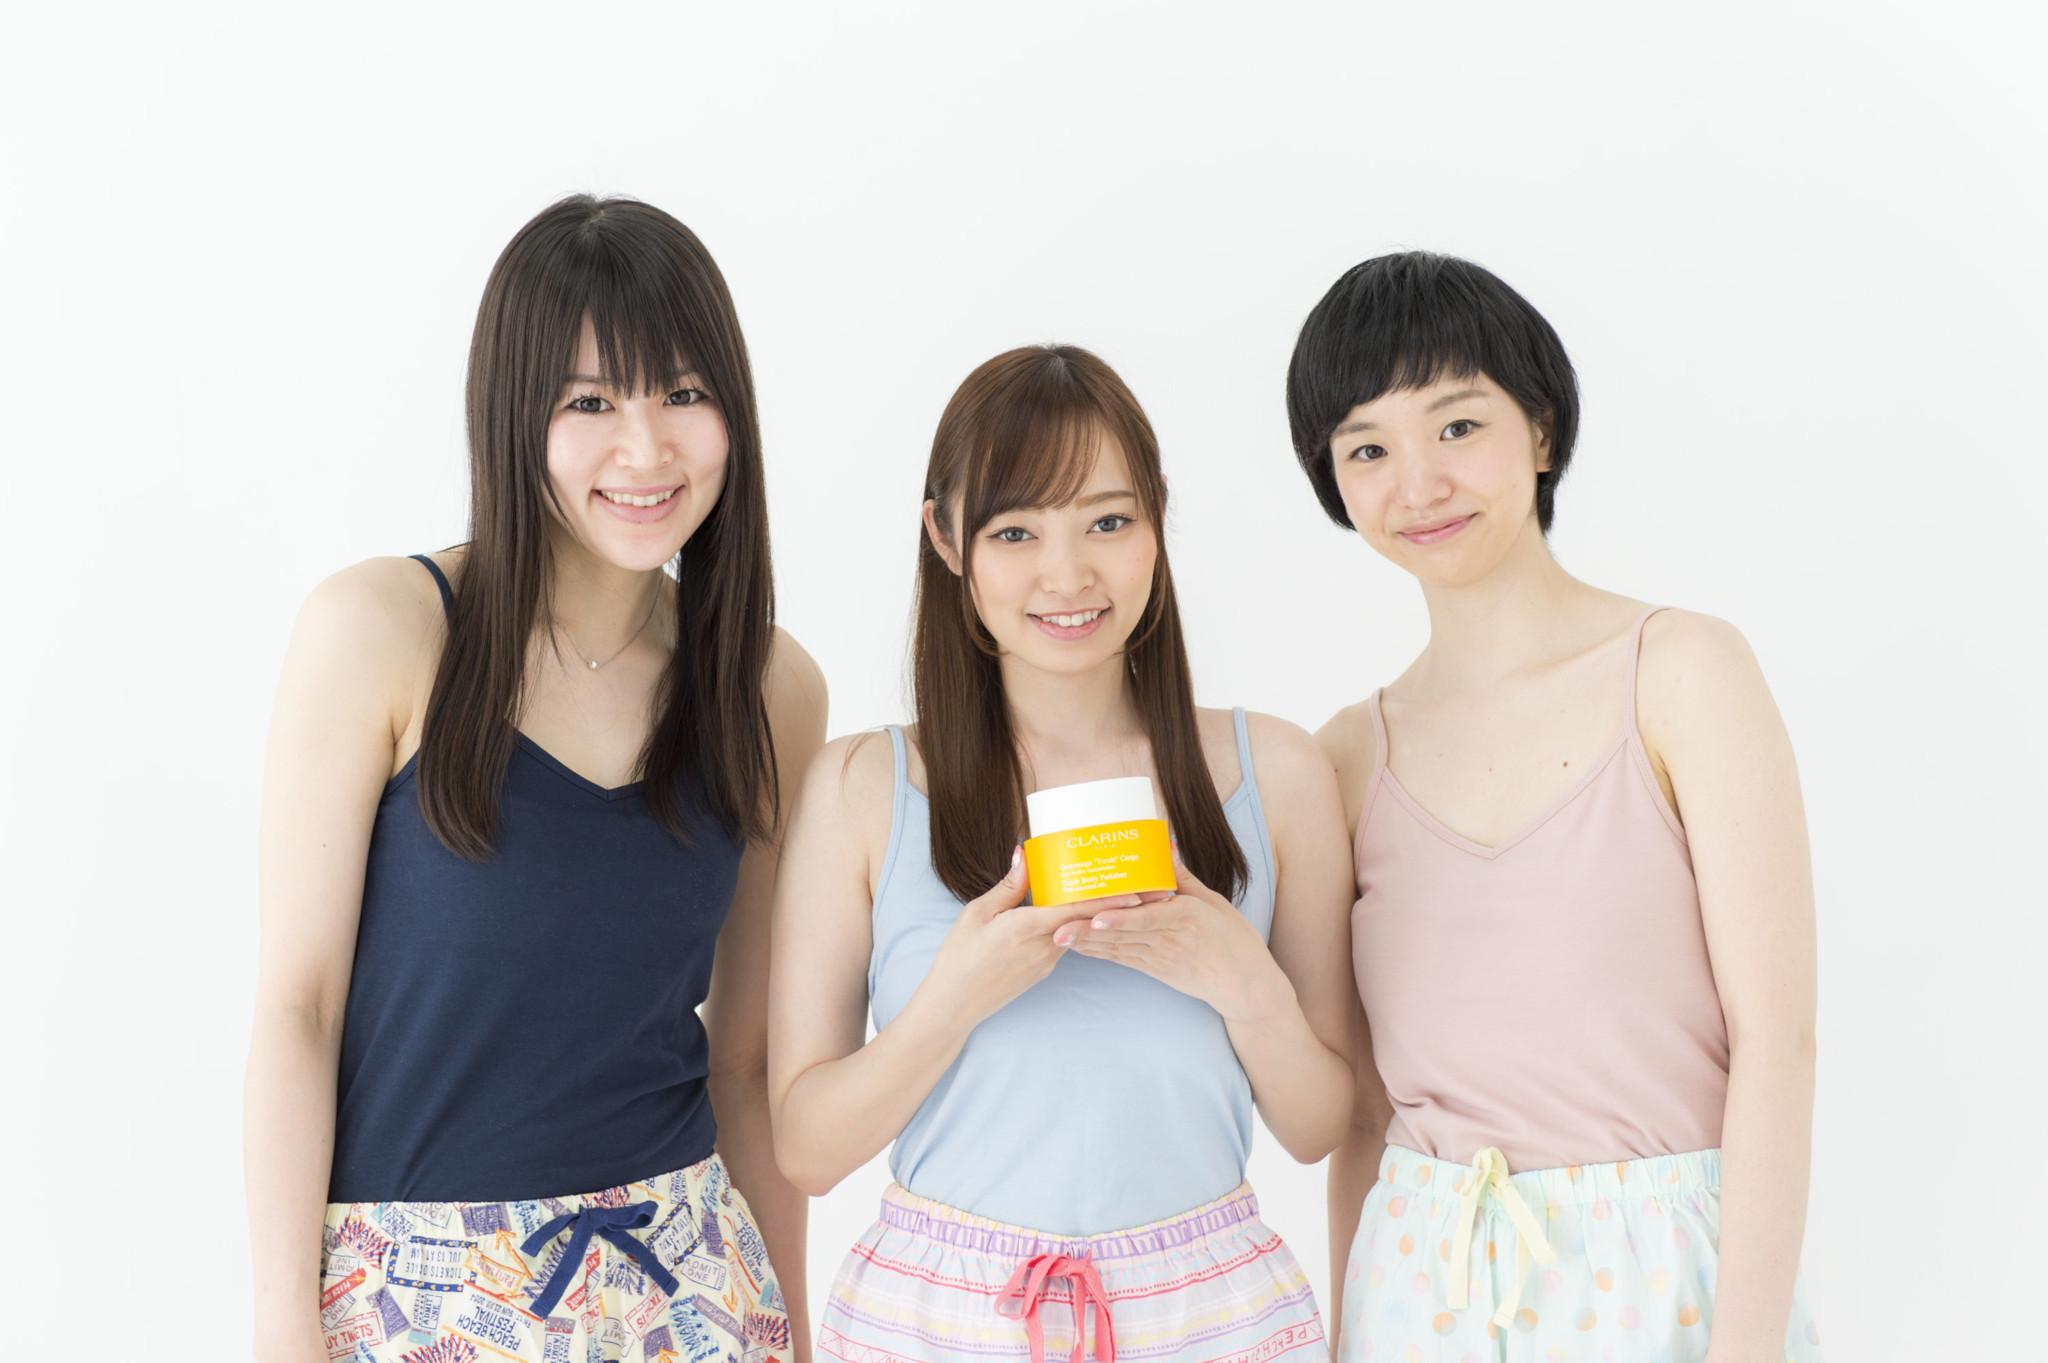 右から、大西真由さん(no.185、30歳・役者)、福塚愛さん(no.145、29歳・モデル)、鷲巣喜美さん(no.114、29歳・サービス業)